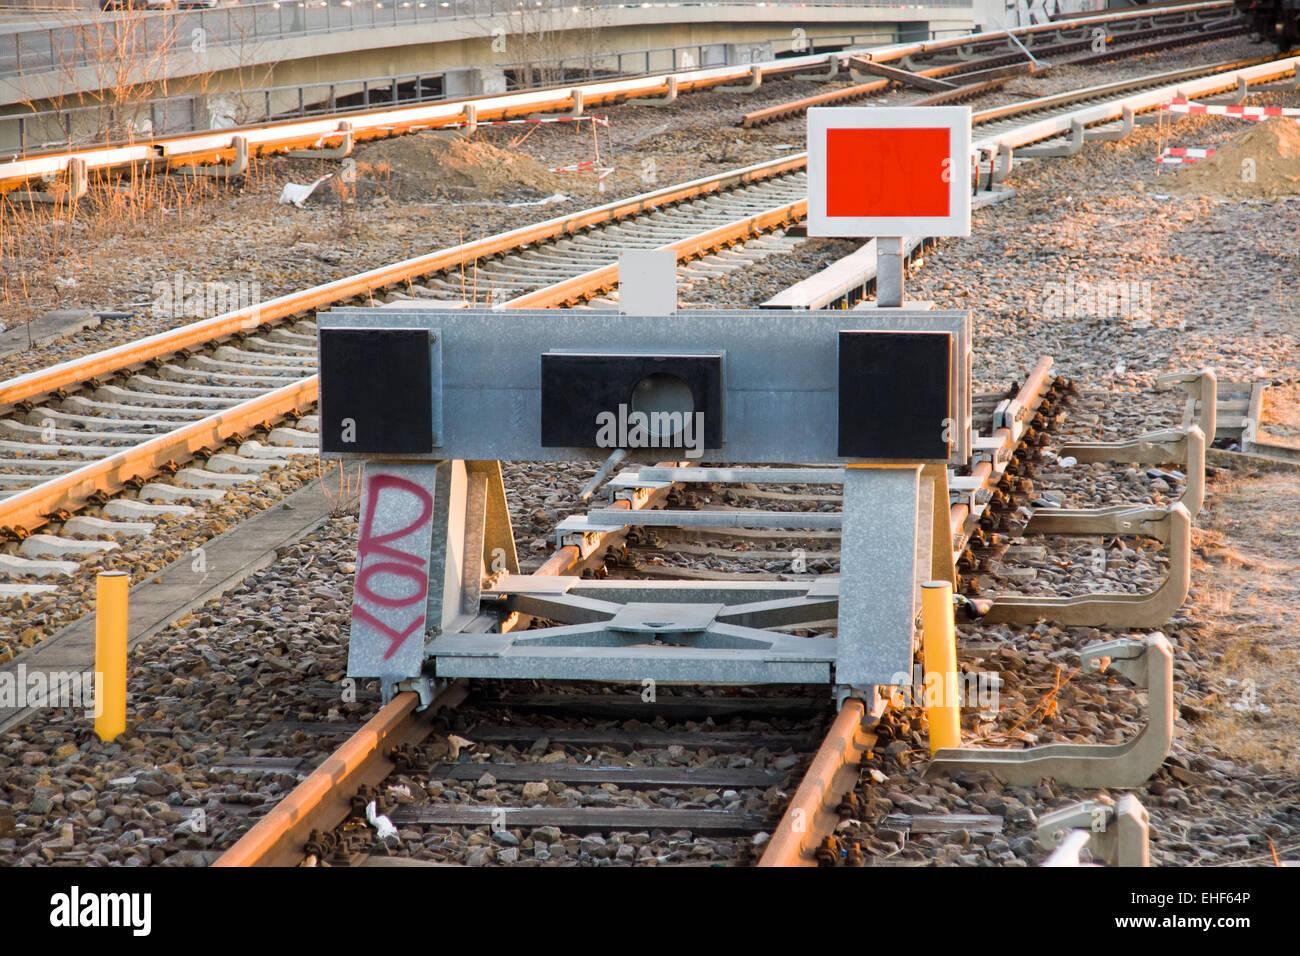 Holding siding - Stock Image